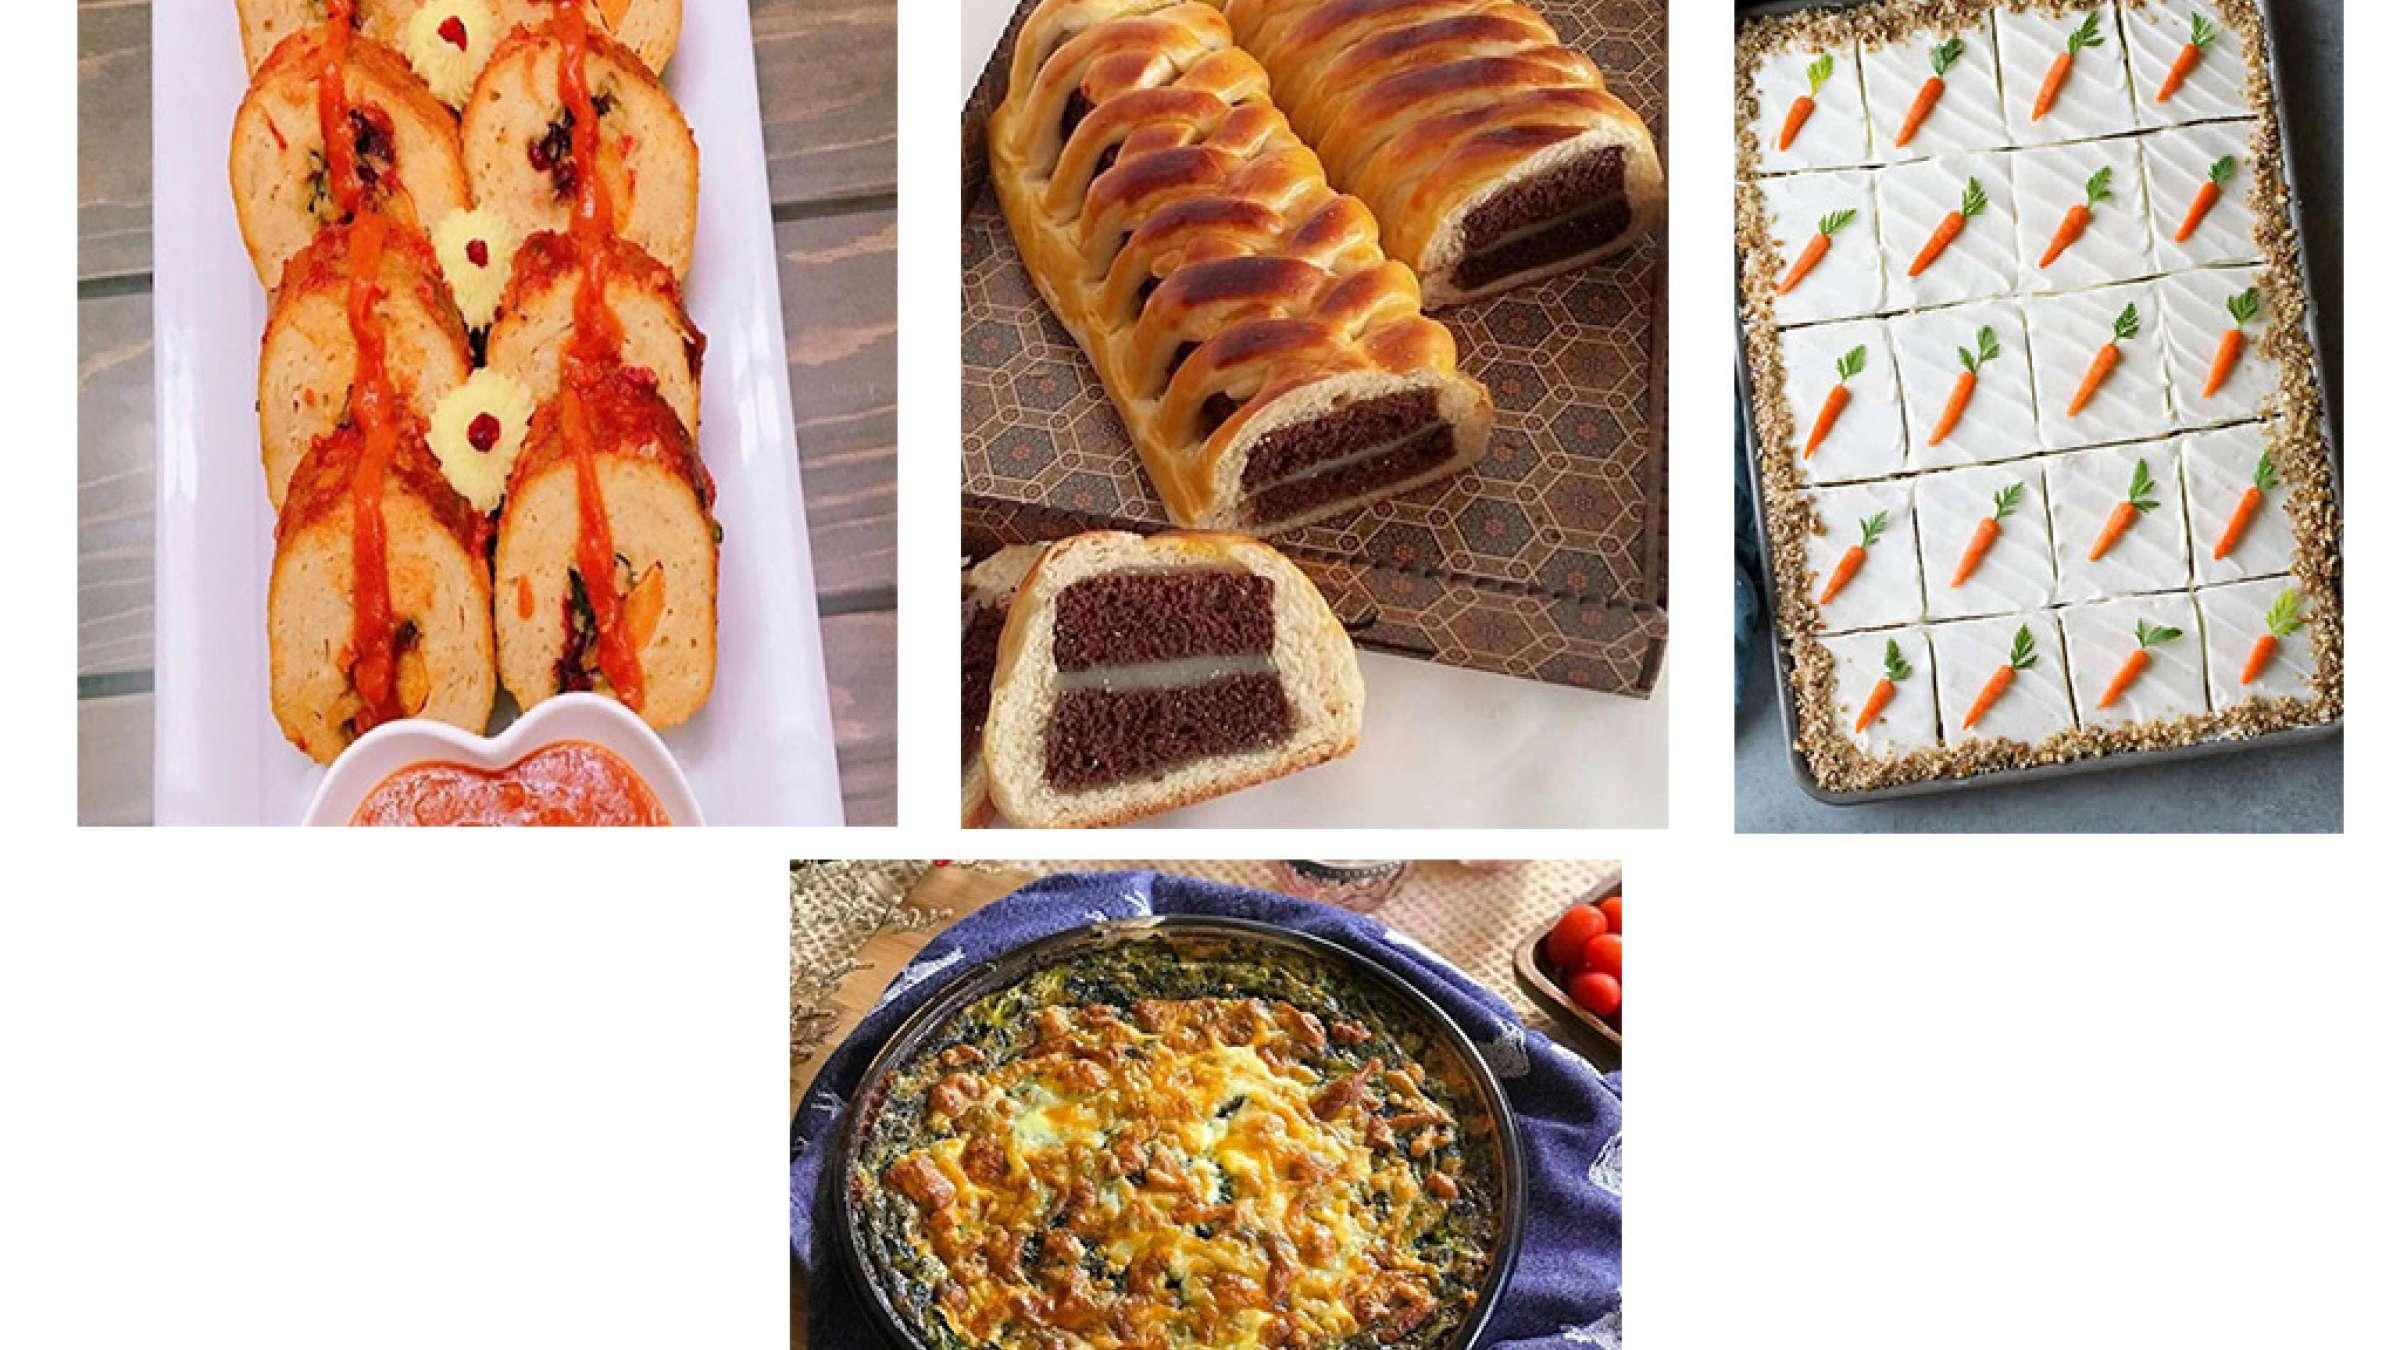 آشپزی-ترابی-کیک-هویج-تختهای-رولت-مرغ-کوکوی-اسفناج-و-ترهفرنگی-کیک-دانمارکی